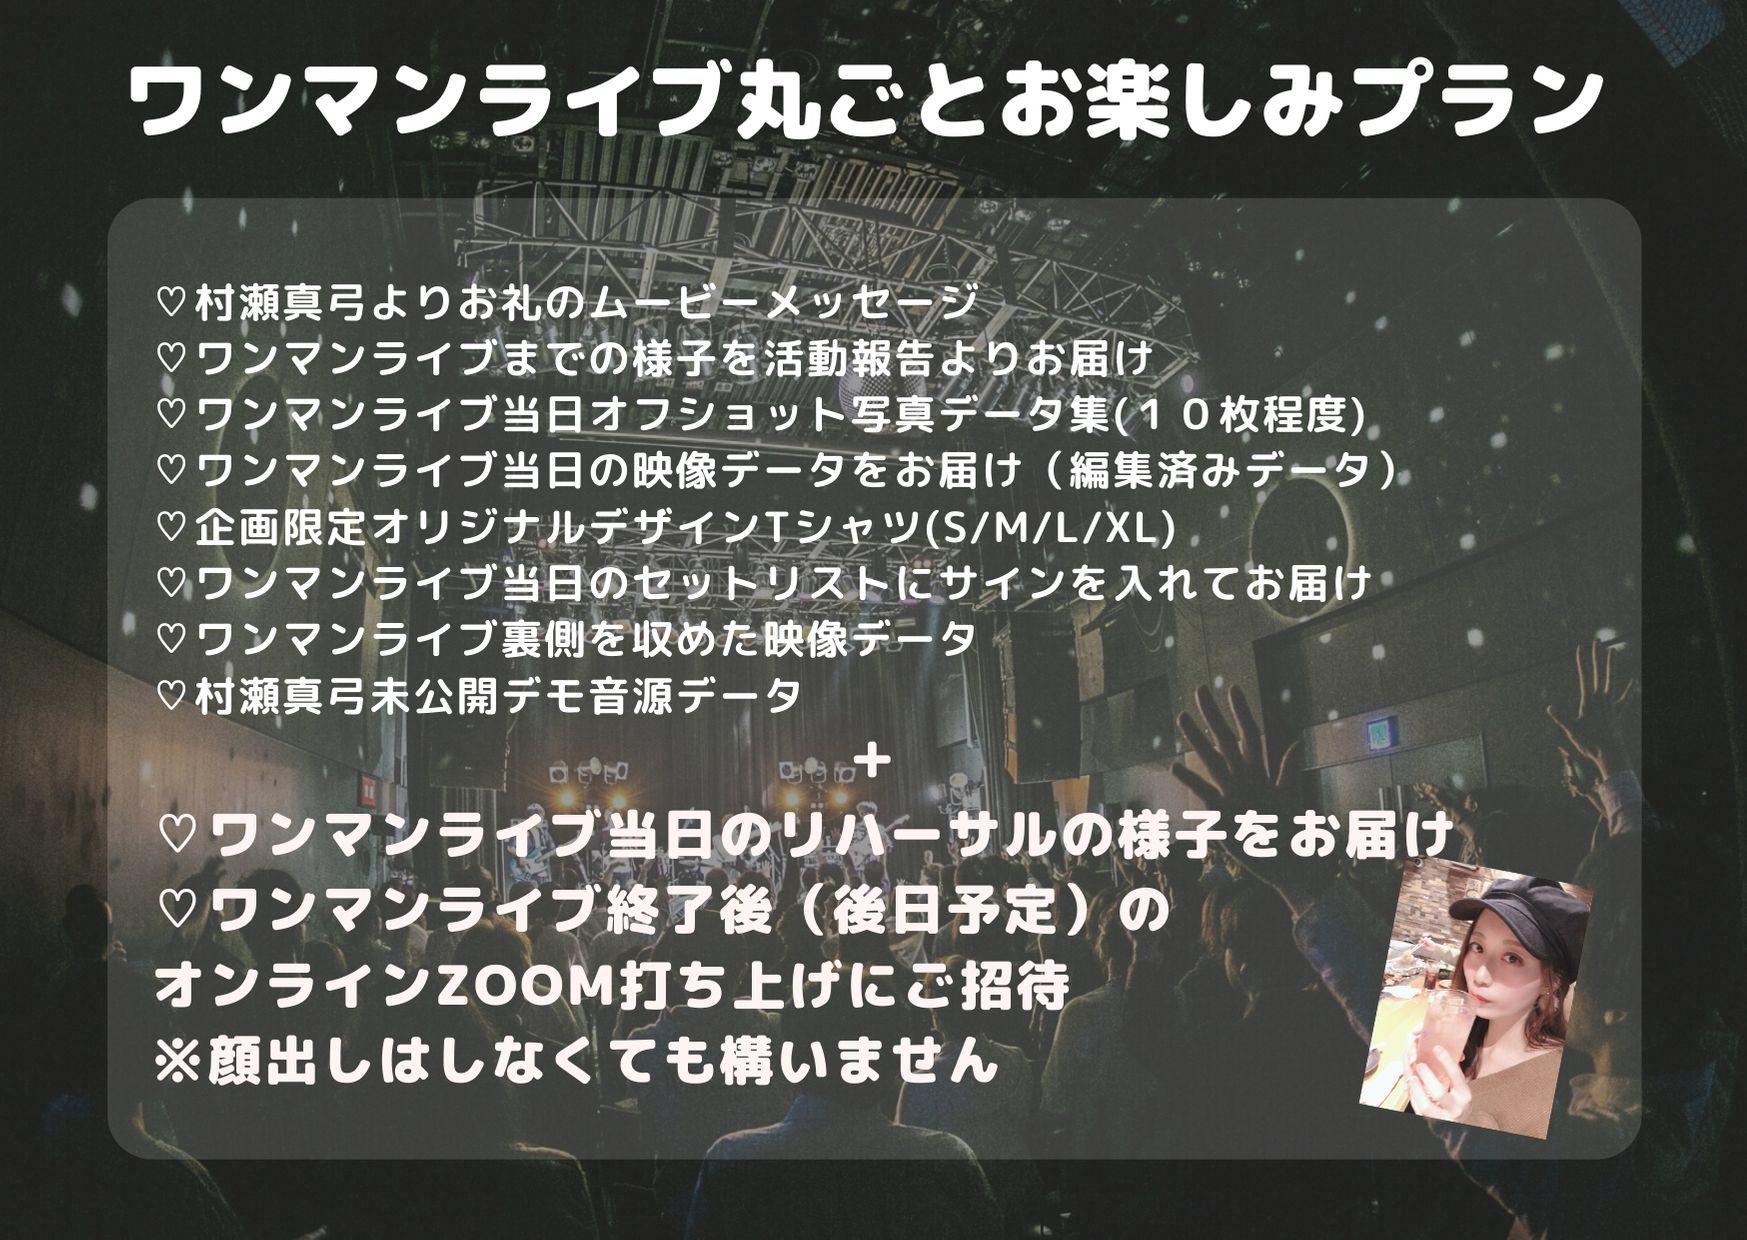 <ワンマンライブ丸ごとお楽しみプラン>限定10名